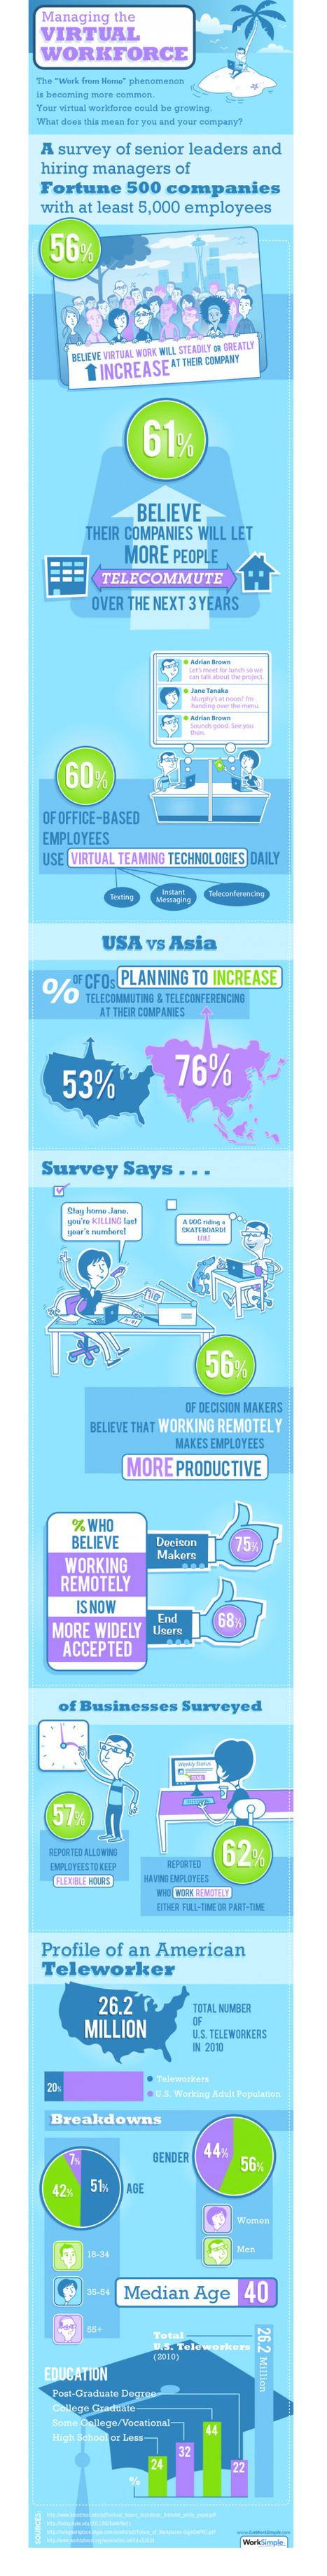 [Infographie] Télétravail : les exemples des USA et de l'Asie en chiffres - Websourcing.fr   Coworking et télétravail : quoi, pourquoi et comment ?   Scoop.it